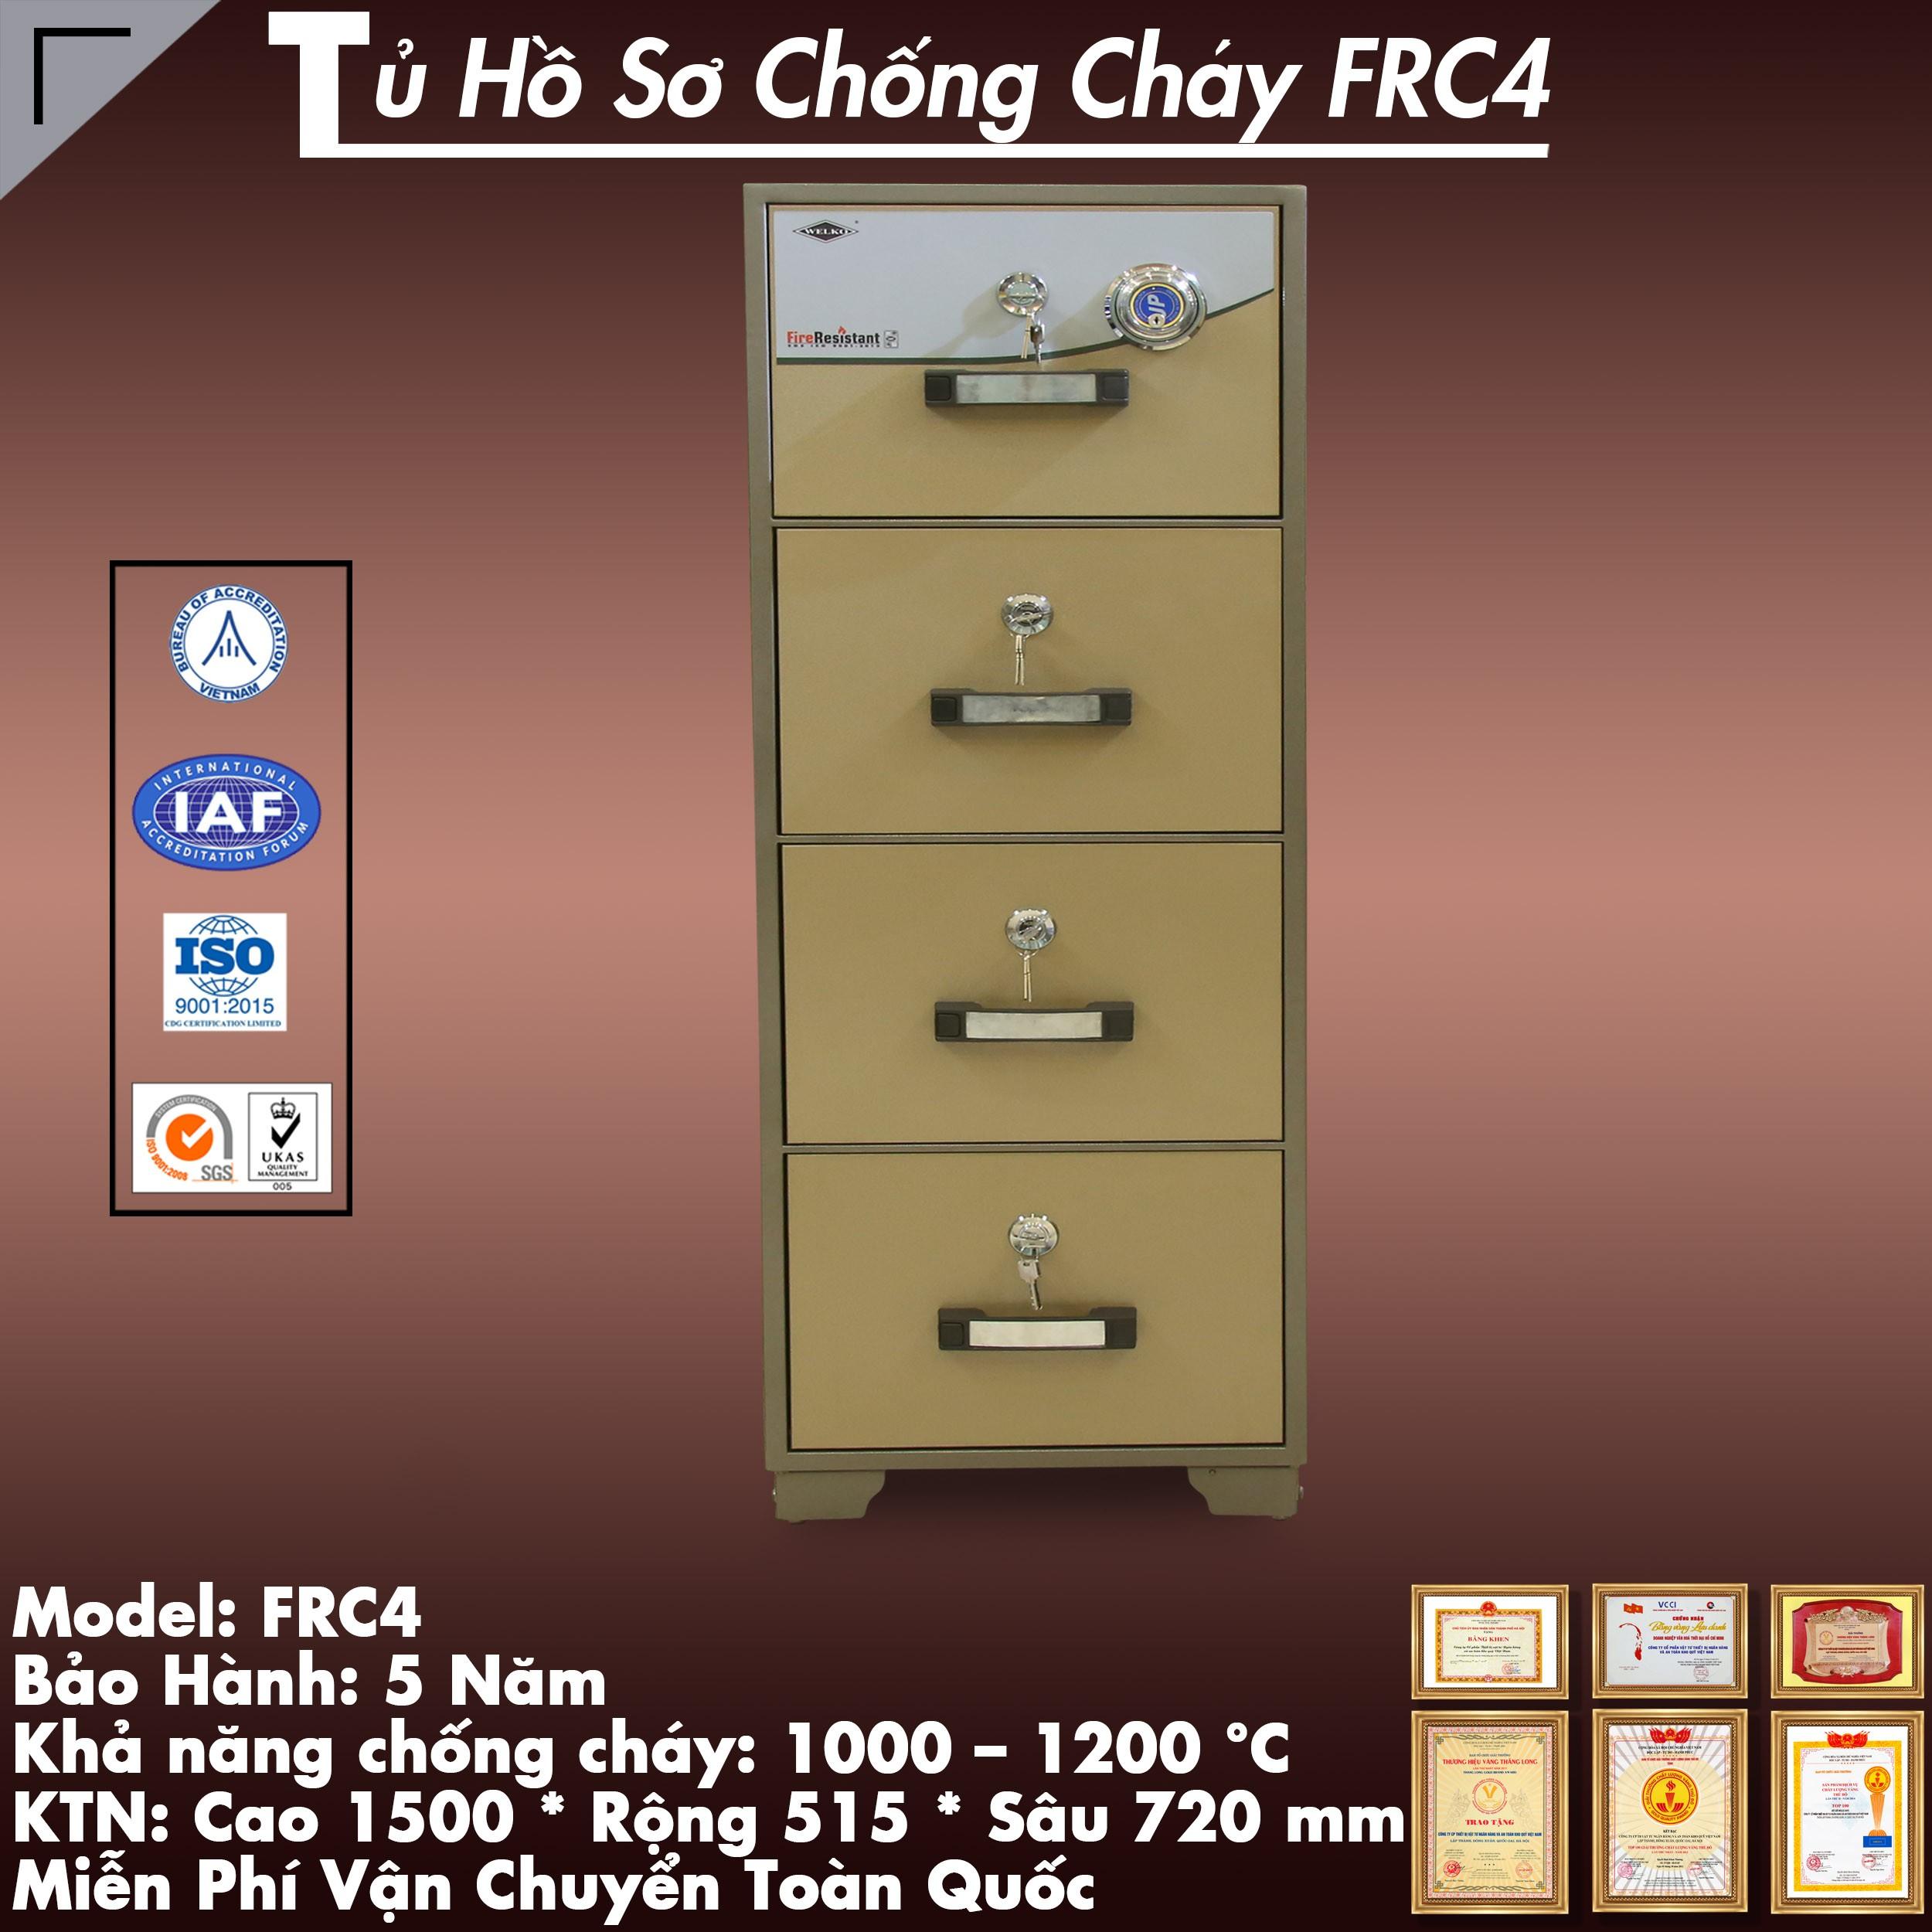 Mua tủ hồ sơ chống cháy giá rẻ ở đâu